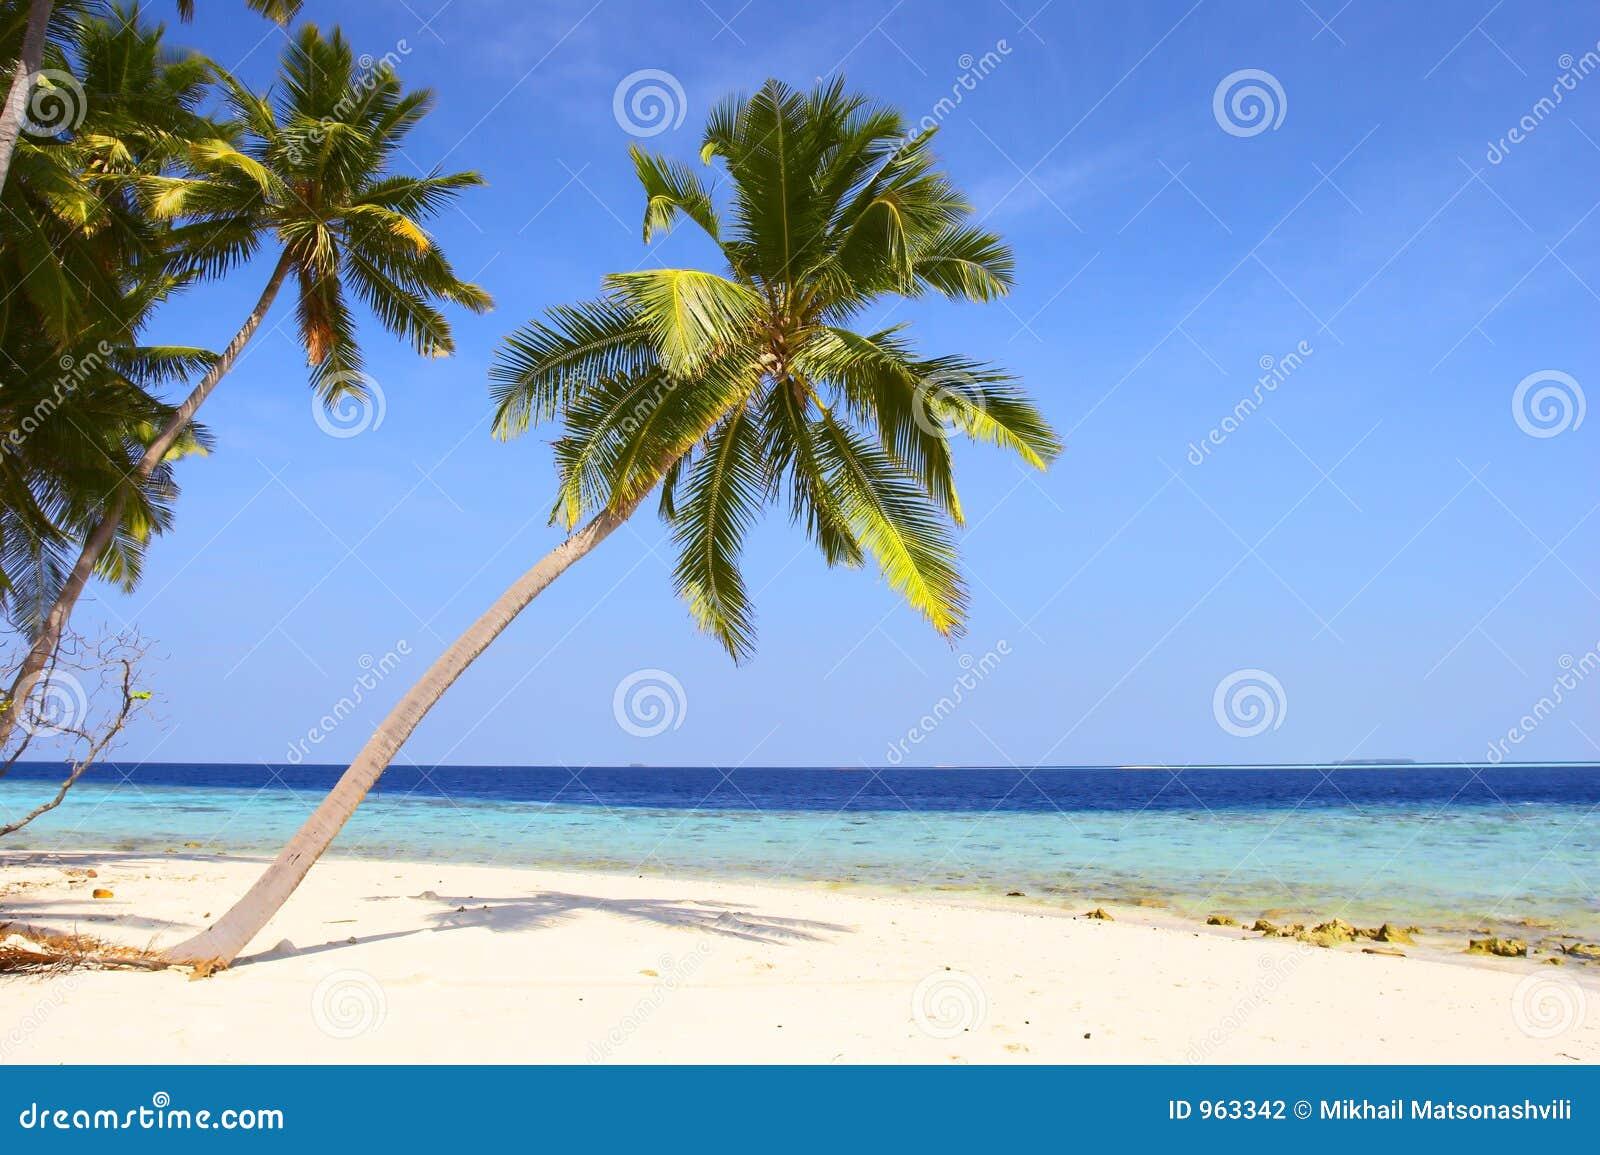 Plage gentille avec des palmiers photo stock image du plage pieds 963342 - Photos de toutes sortes de palmiers ...